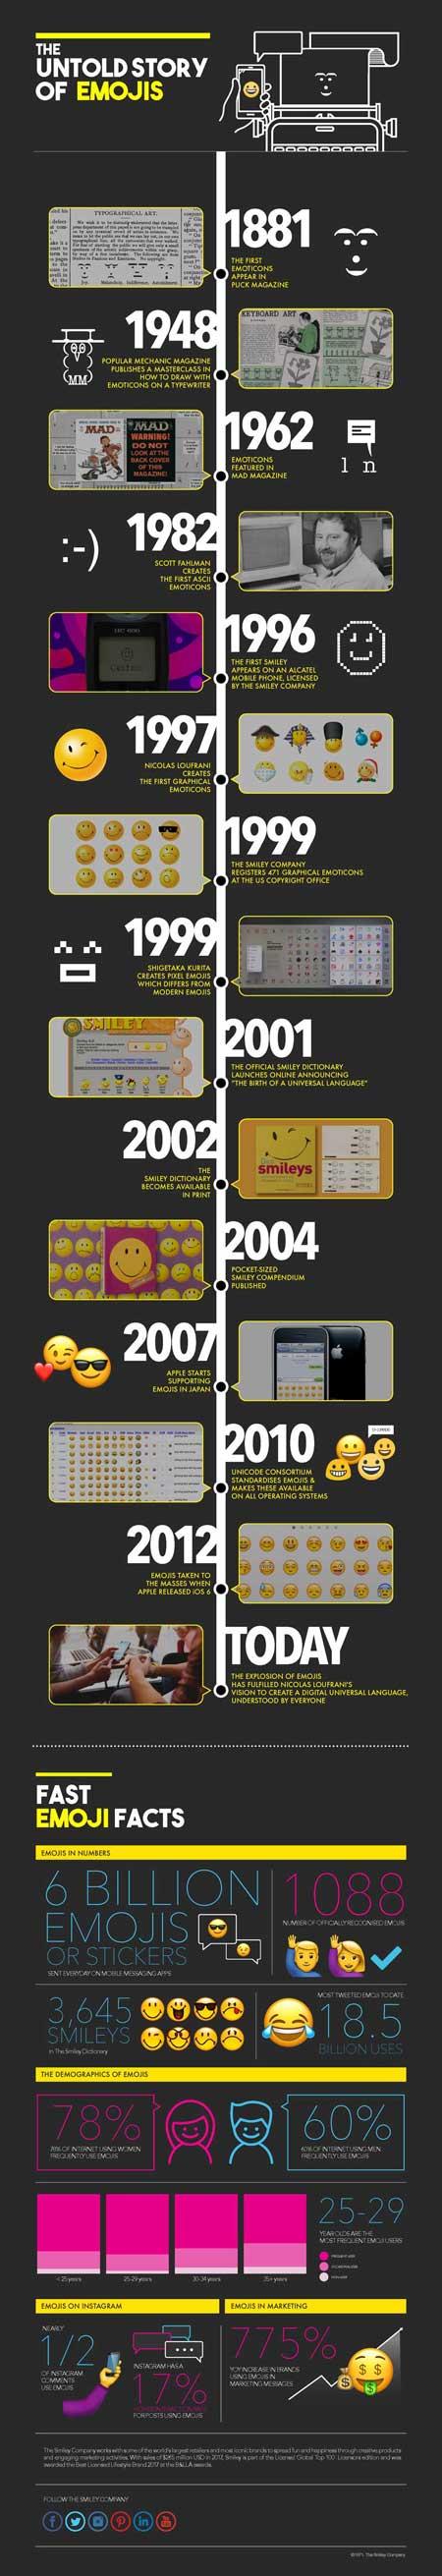 infographic_world_emoji_day